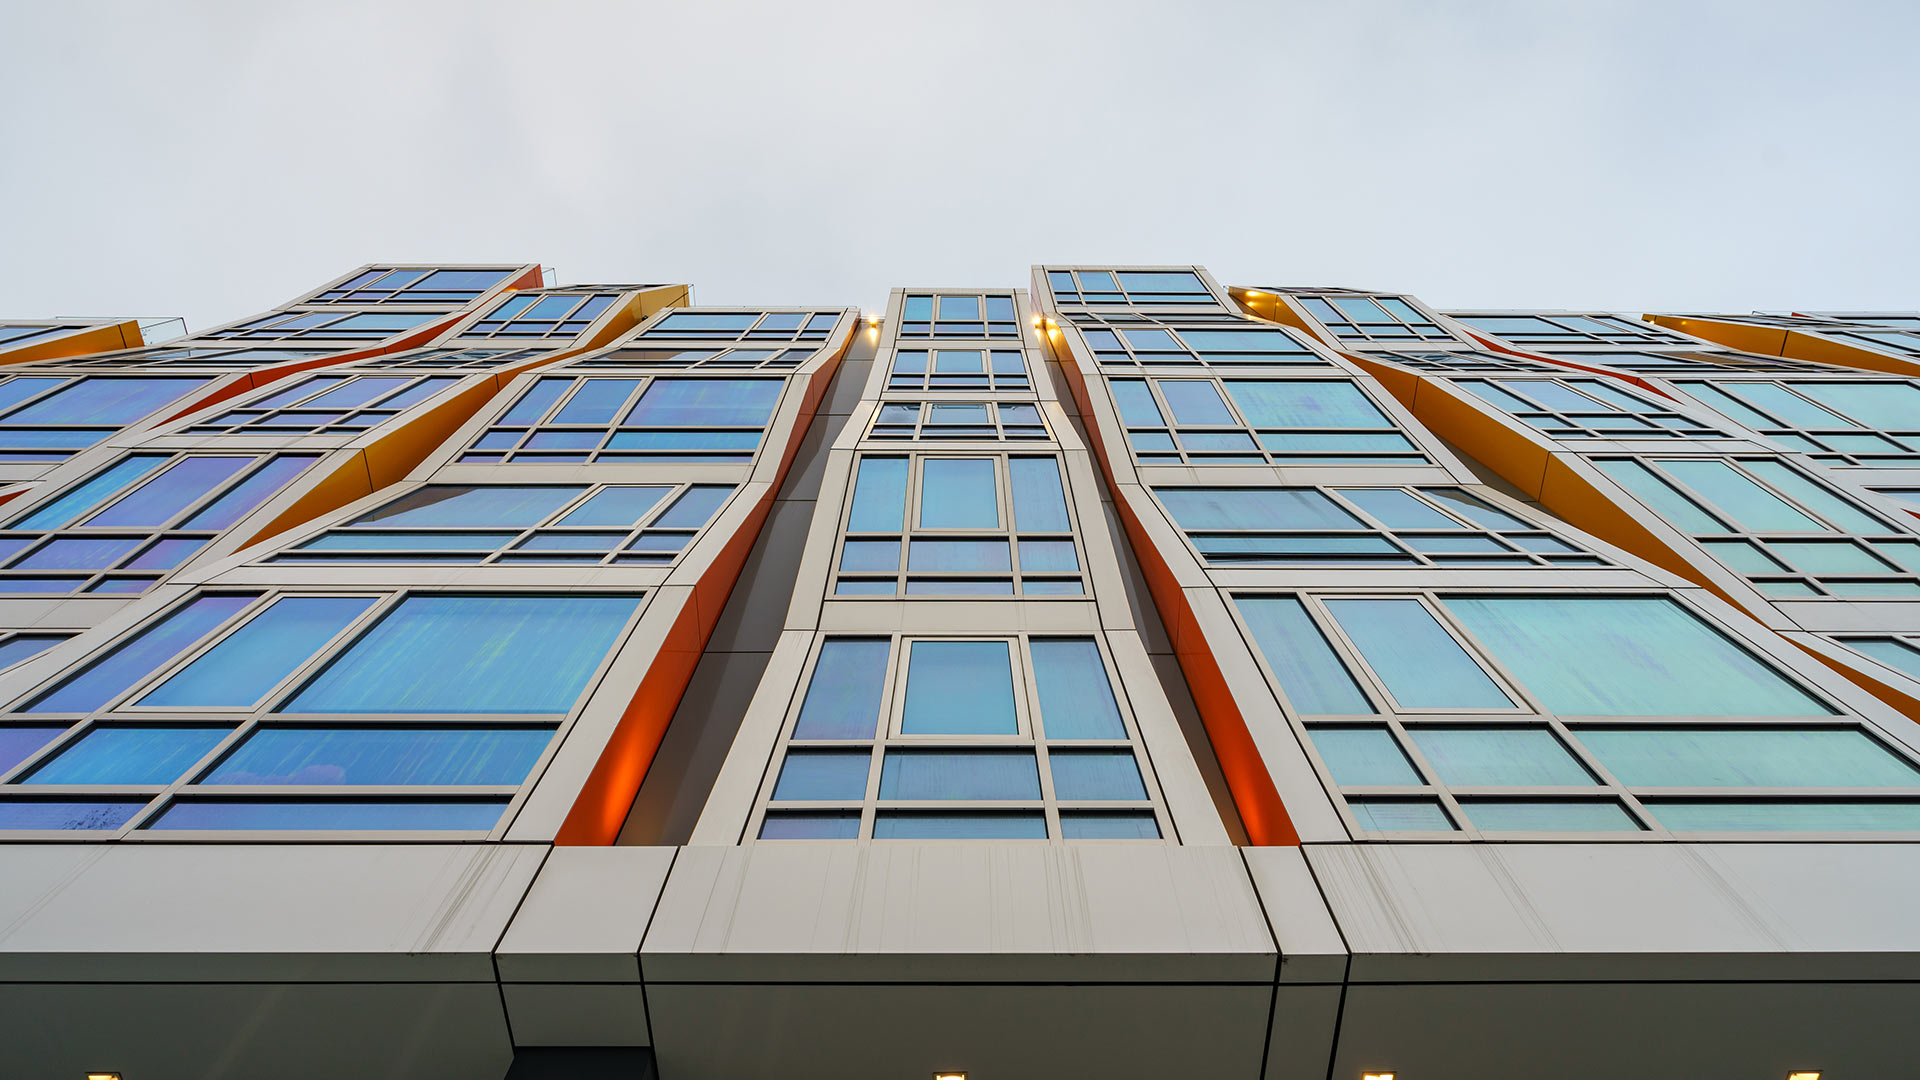 Vida Building - San Francisco - Upward Angle View